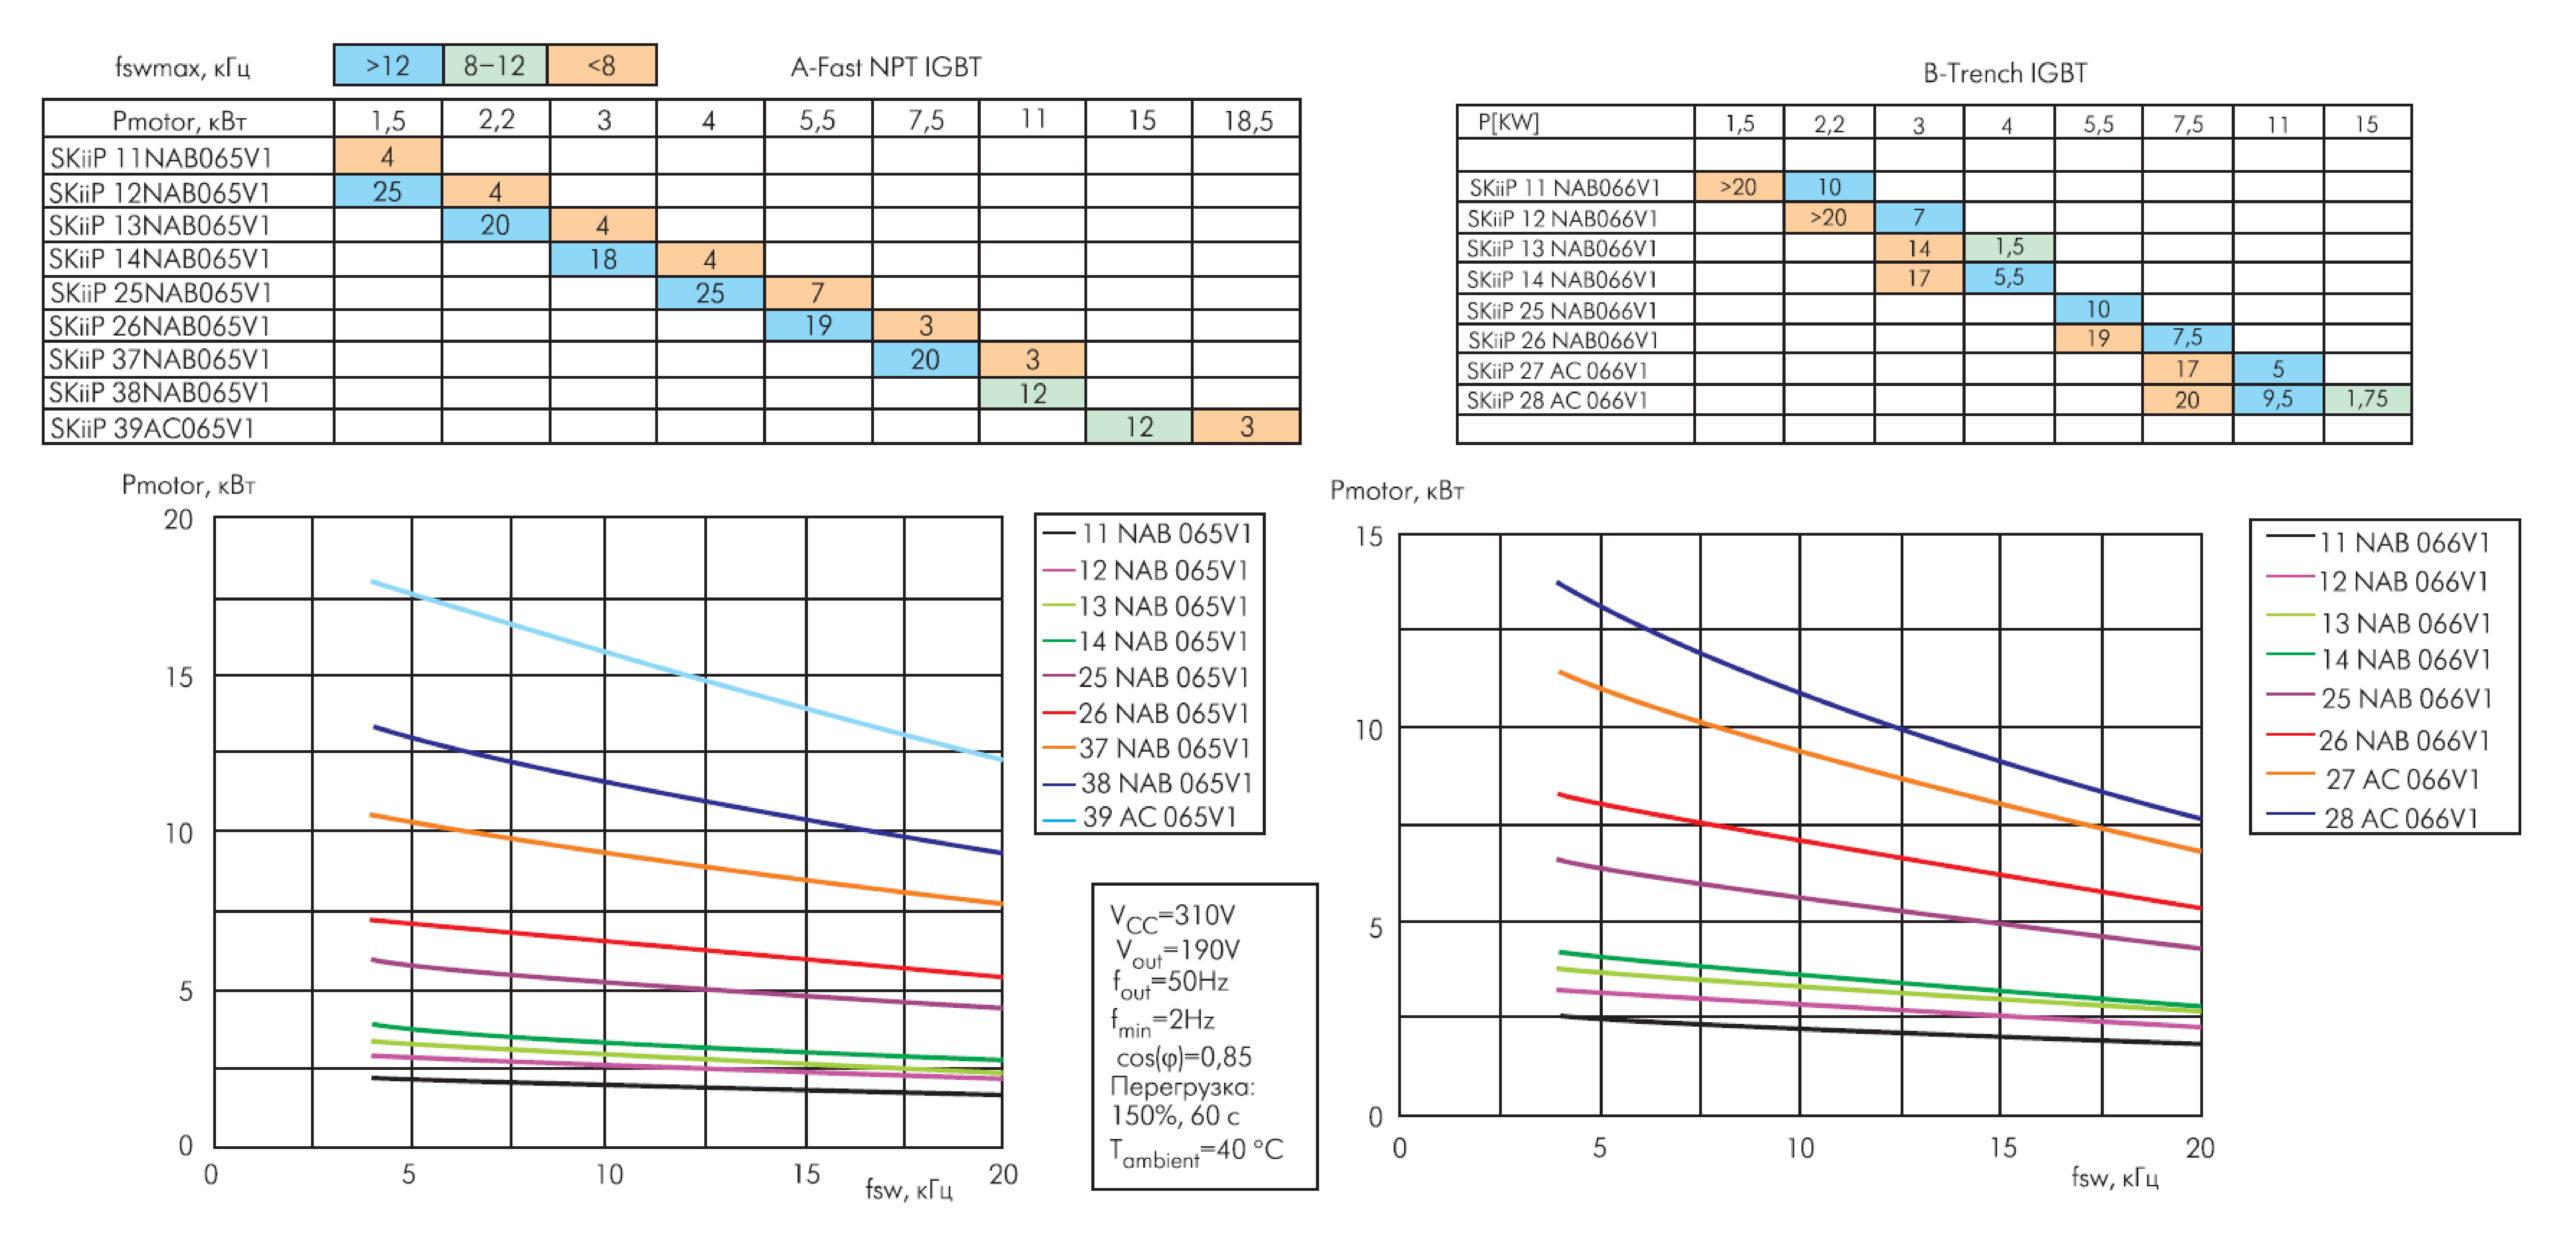 Рекомендованные типы модулей MiniSKiip на 600 В для различных мощностей нагрузки, зависимость мощности нагрузки от рабочей частоты